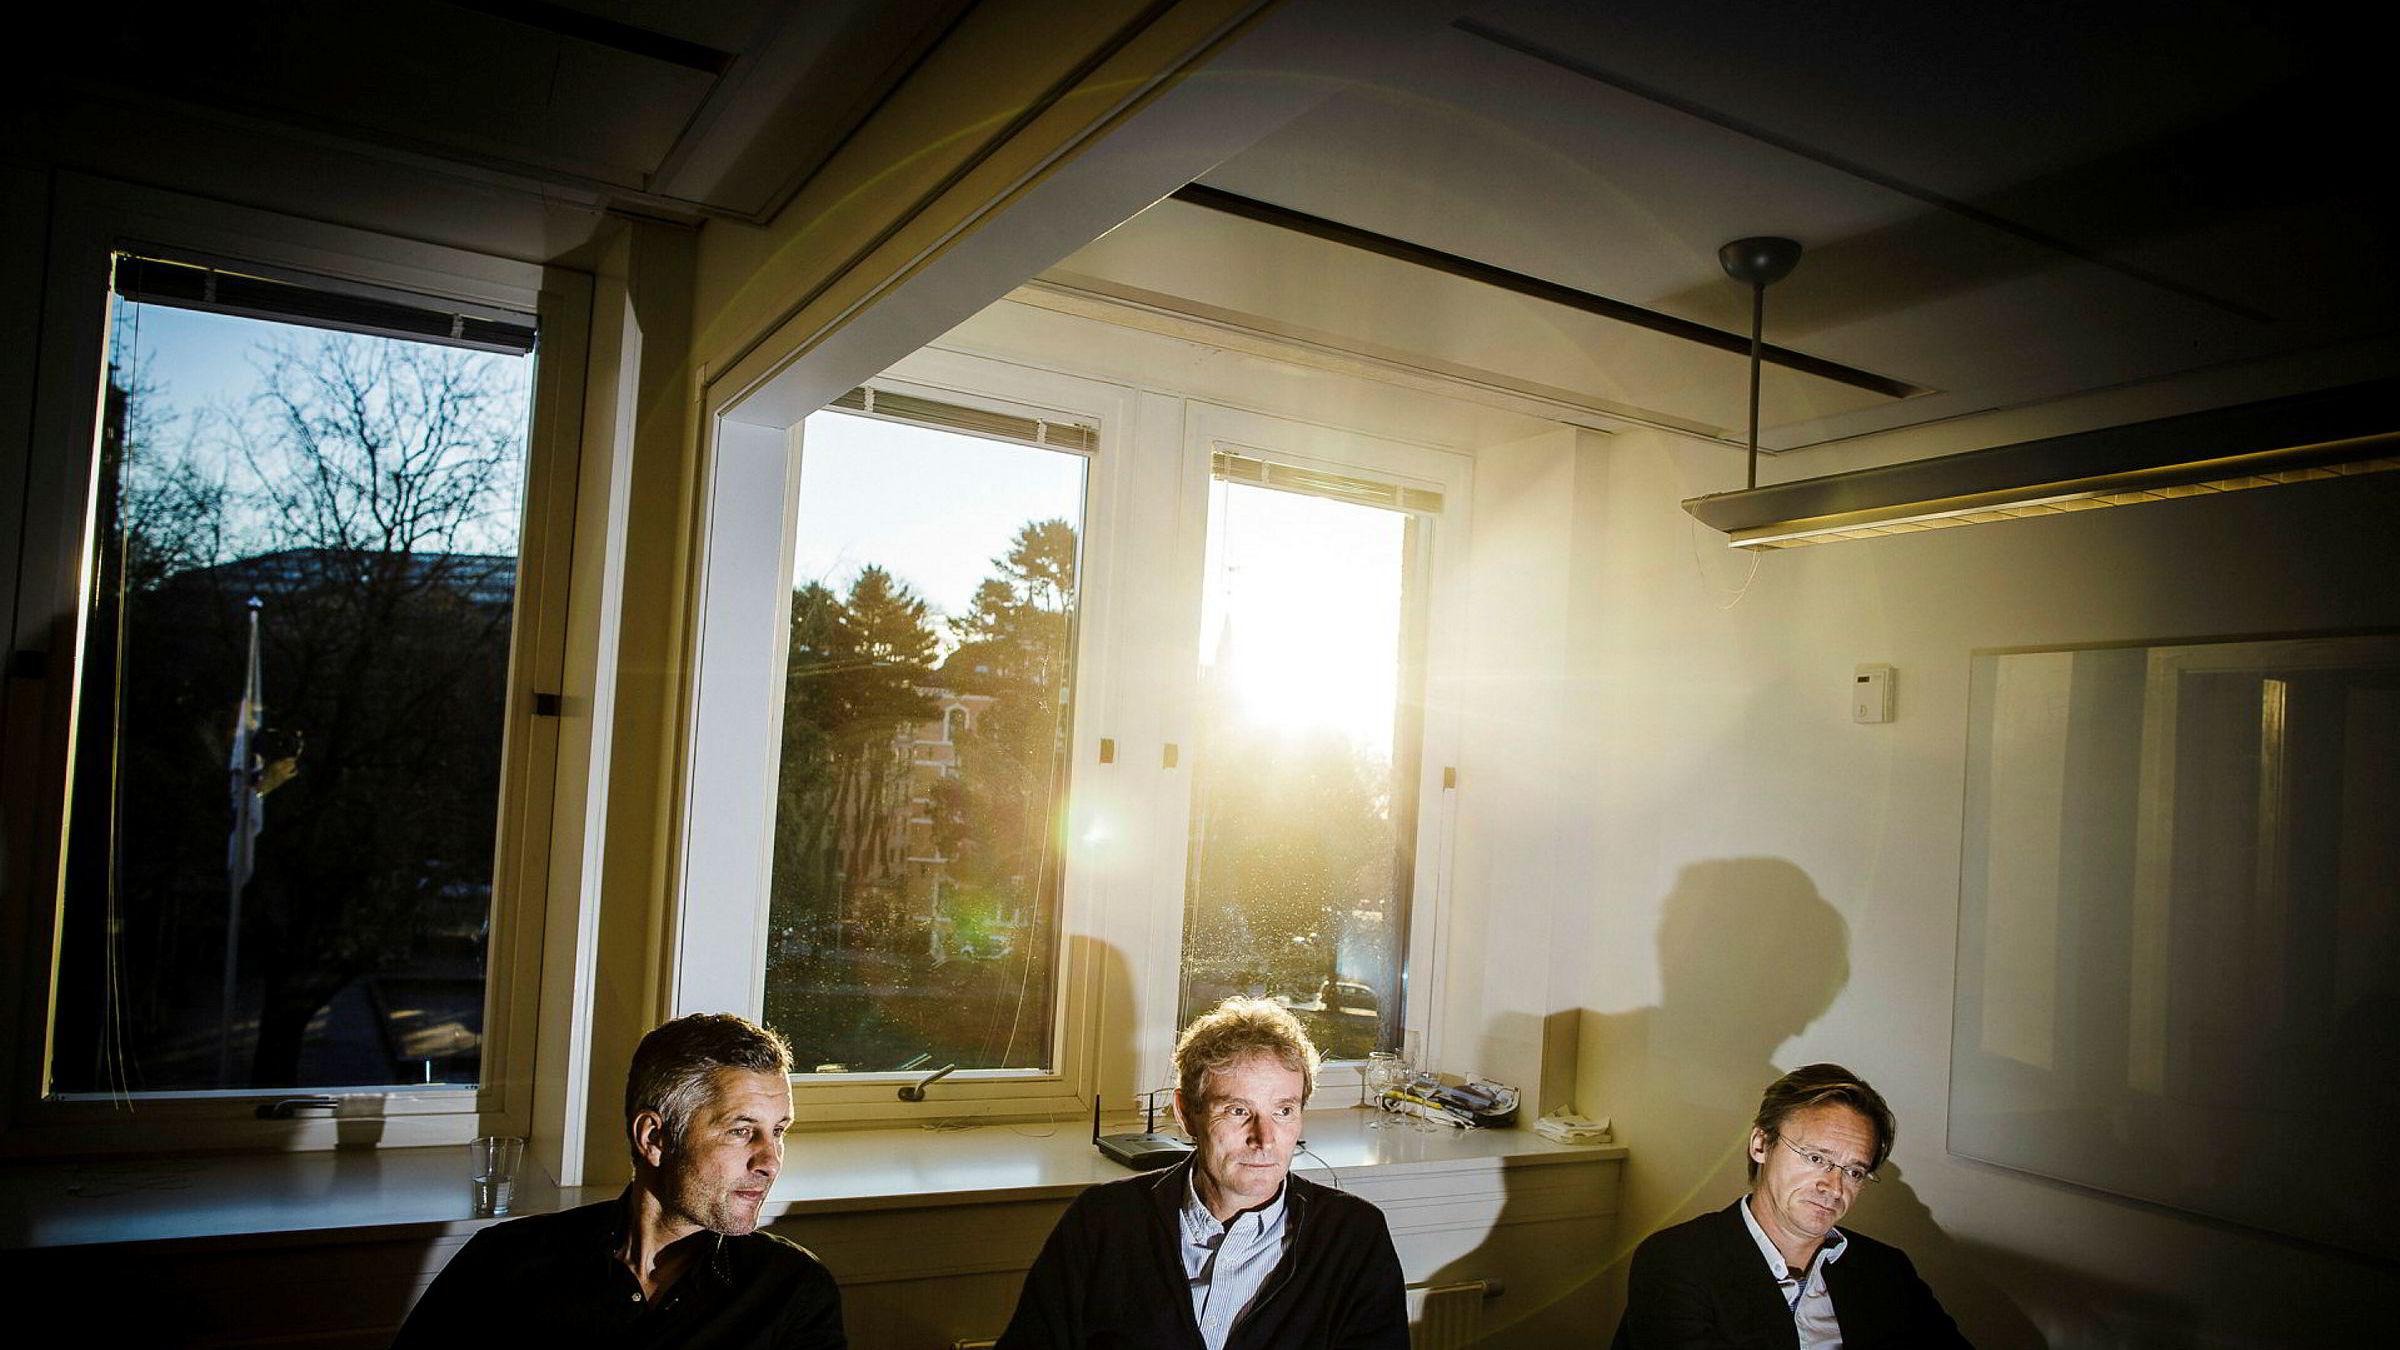 Northzone-gründerne Torleif Ahlsand (fra venstre), Tellef Thorleifsson og Bjørn Stray hadde en ligningsinntekt på henholdsvis 41, 45 og 48 millioner kroner i 2016.